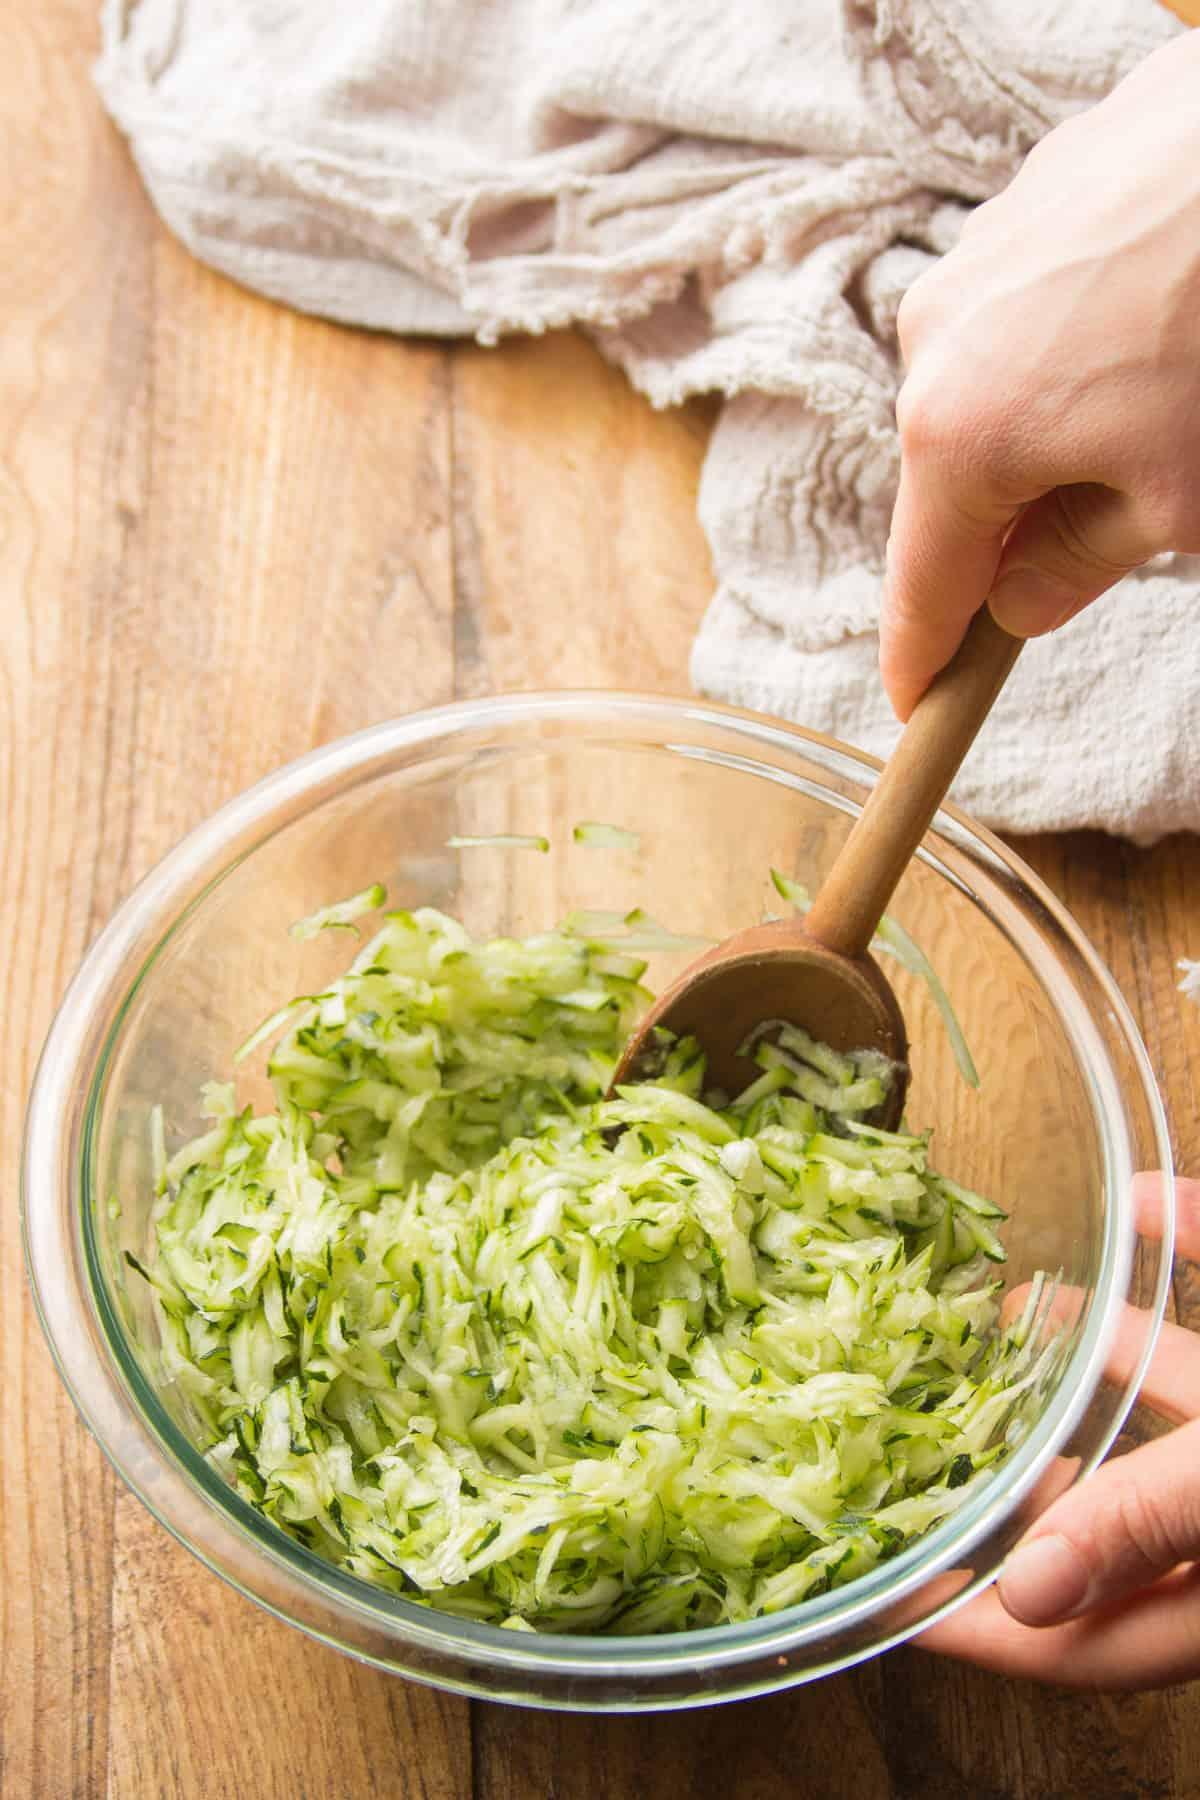 Hand Stirring Salt into Shredded Zucchini in a Bowl